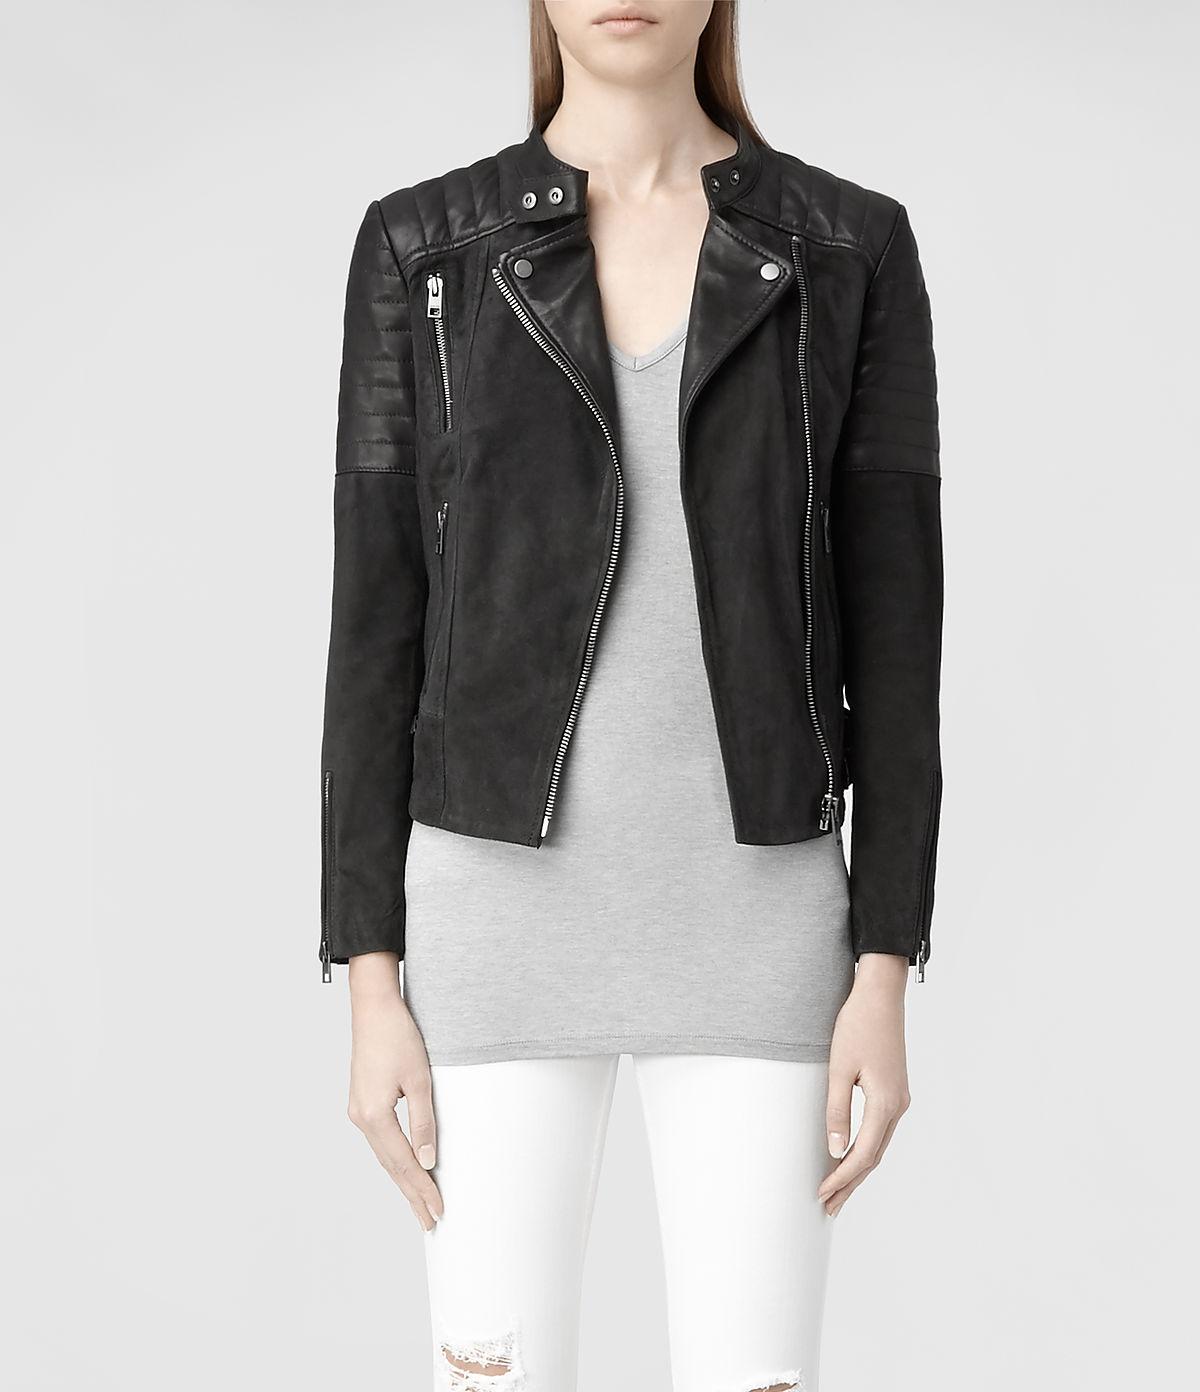 lyst allsaints ferris leather biker jacket in black. Black Bedroom Furniture Sets. Home Design Ideas